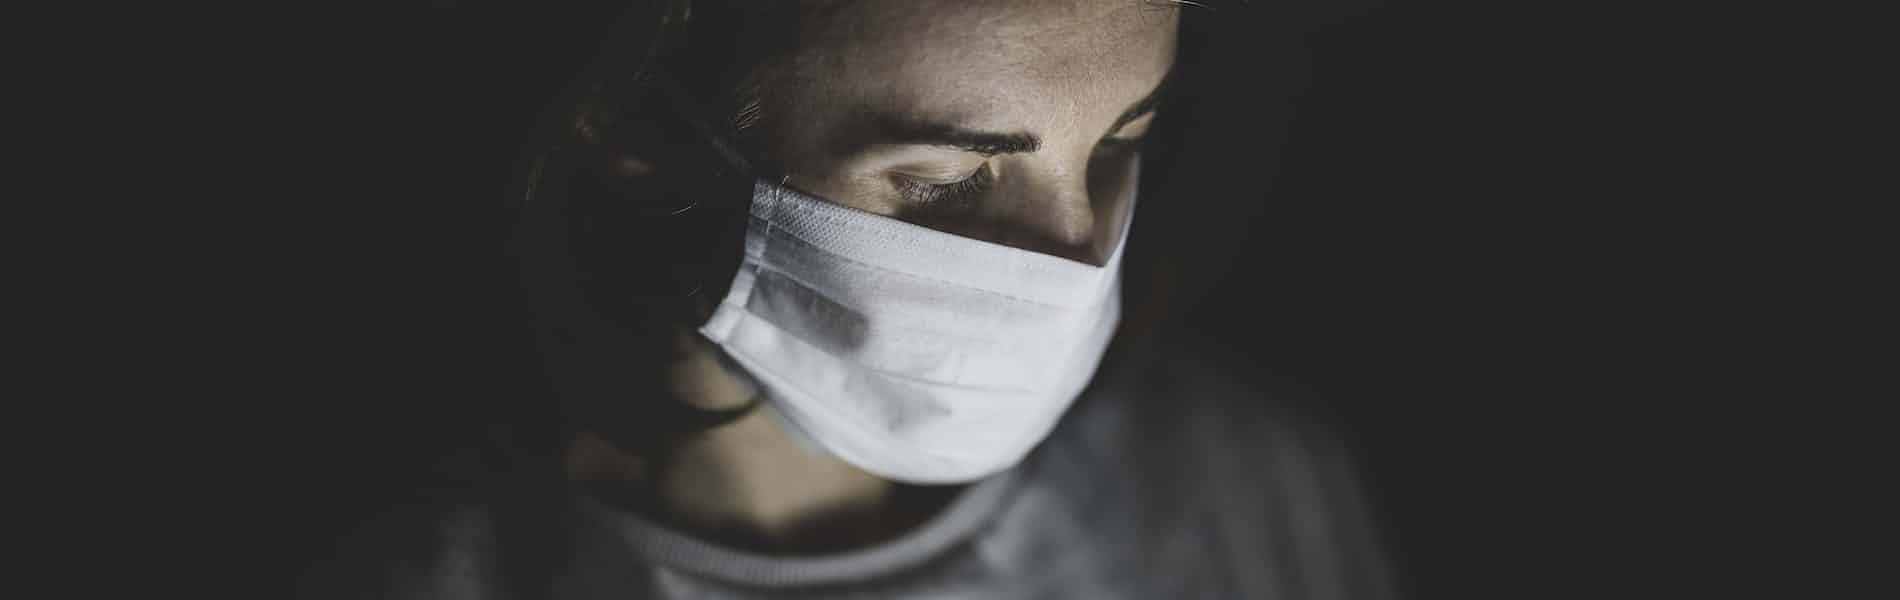 התערבות בתרפיה במוזיקה עם צוותי מחלקת קורונה בבית חולים הלל יפה